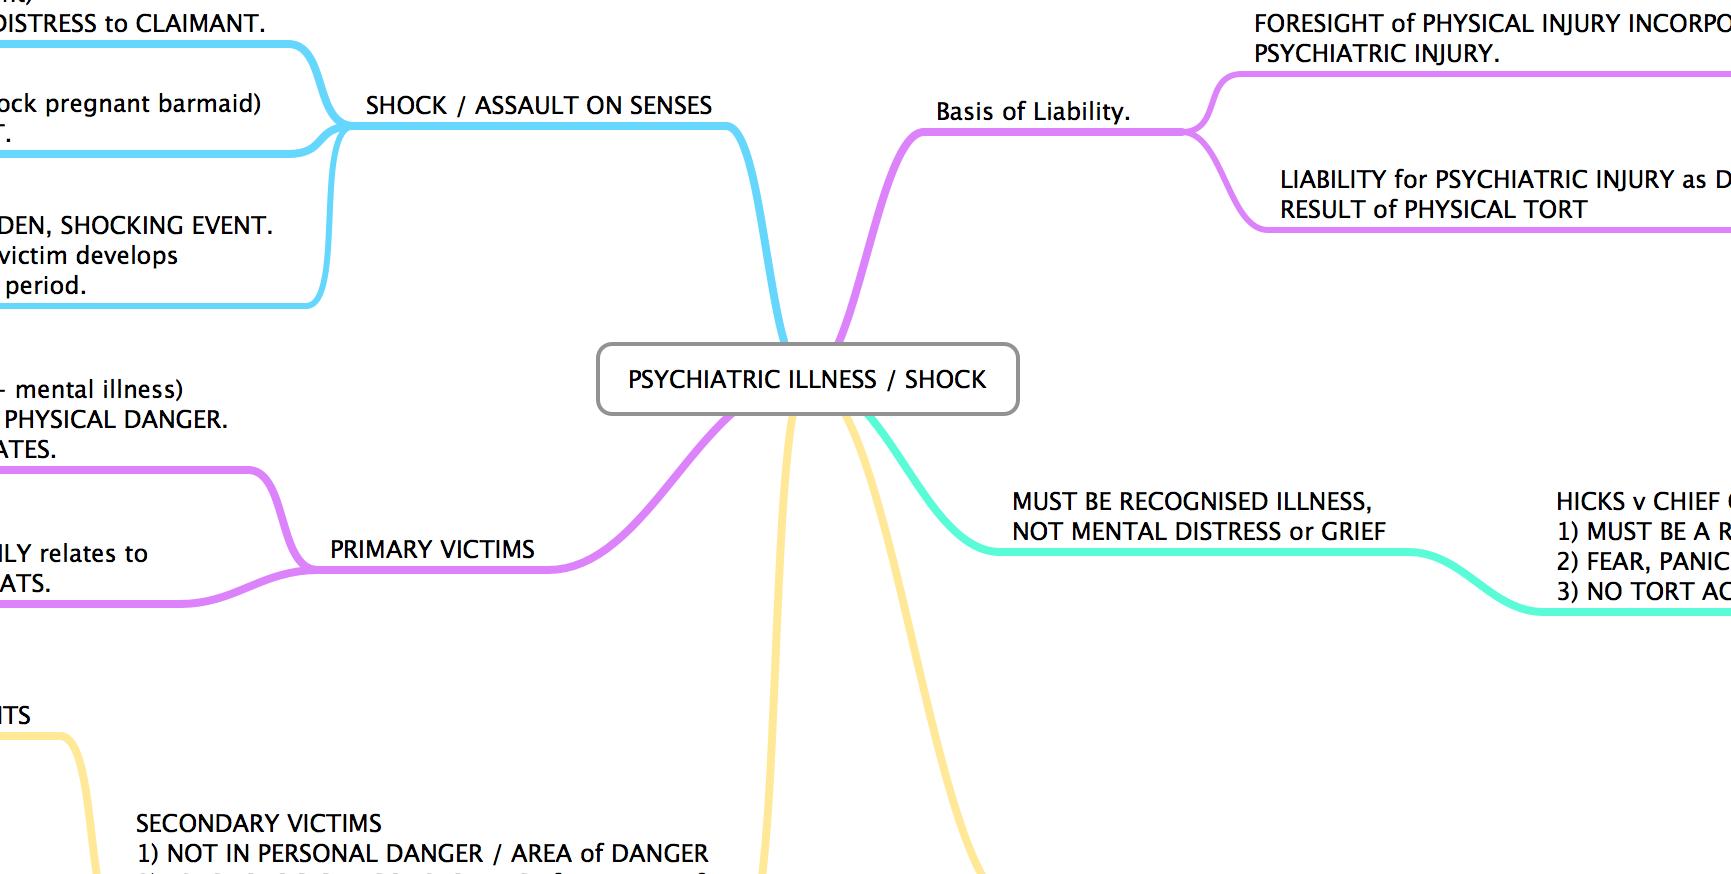 PSYCHIATRIC ILLNESS / SHOCK